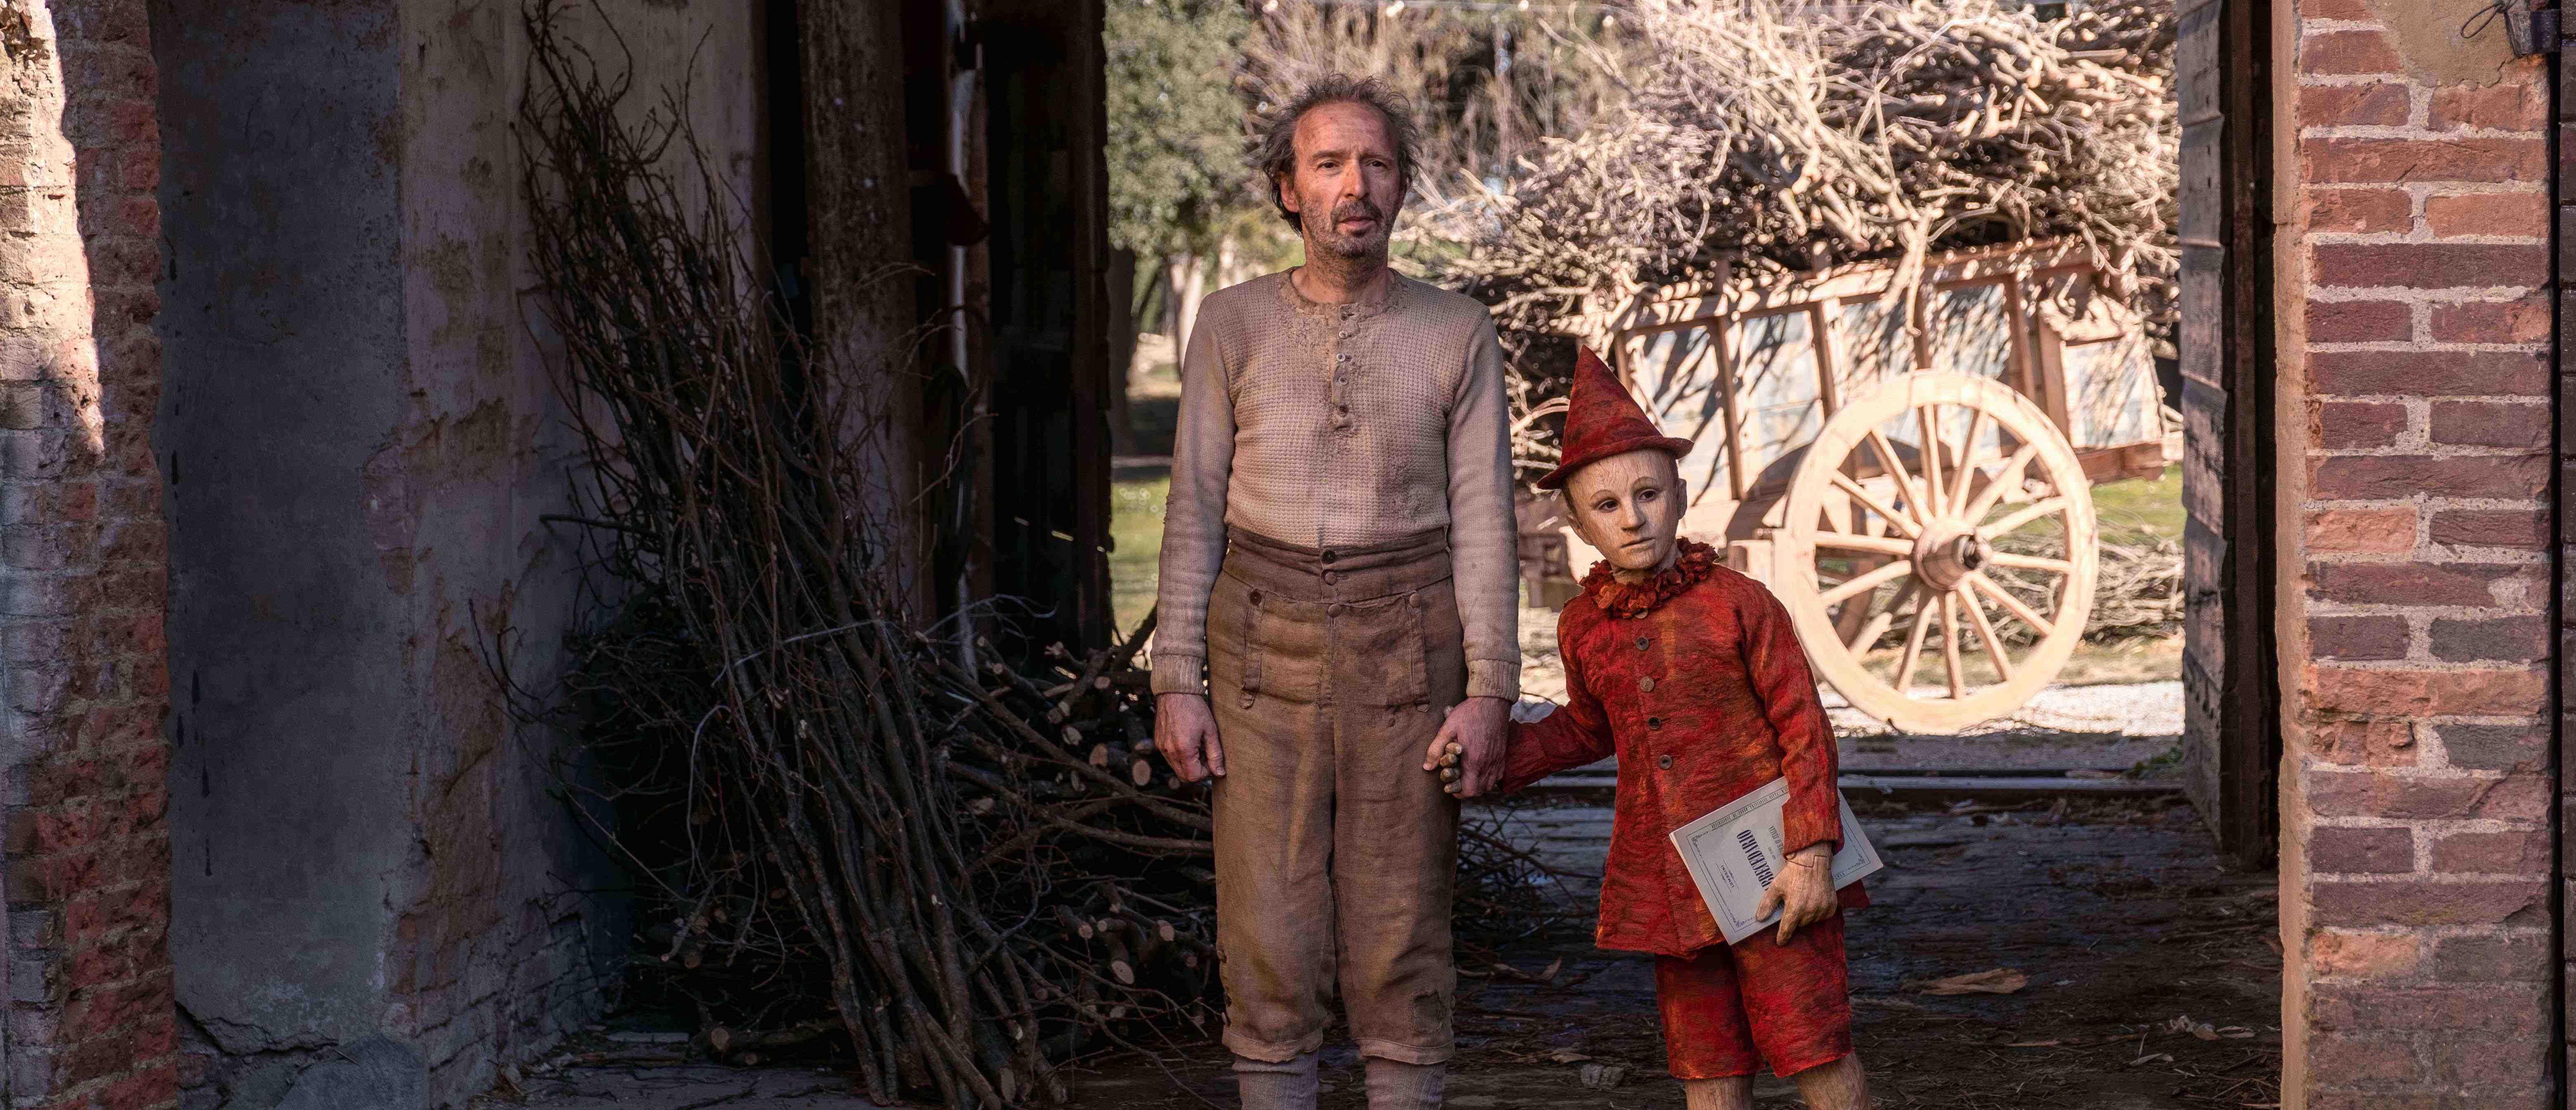 Pinocchio nei costumi di Massimo Cantini Parrini dal film di Matteo Garrone † – Museo del Tessuto, Prato (Prato)